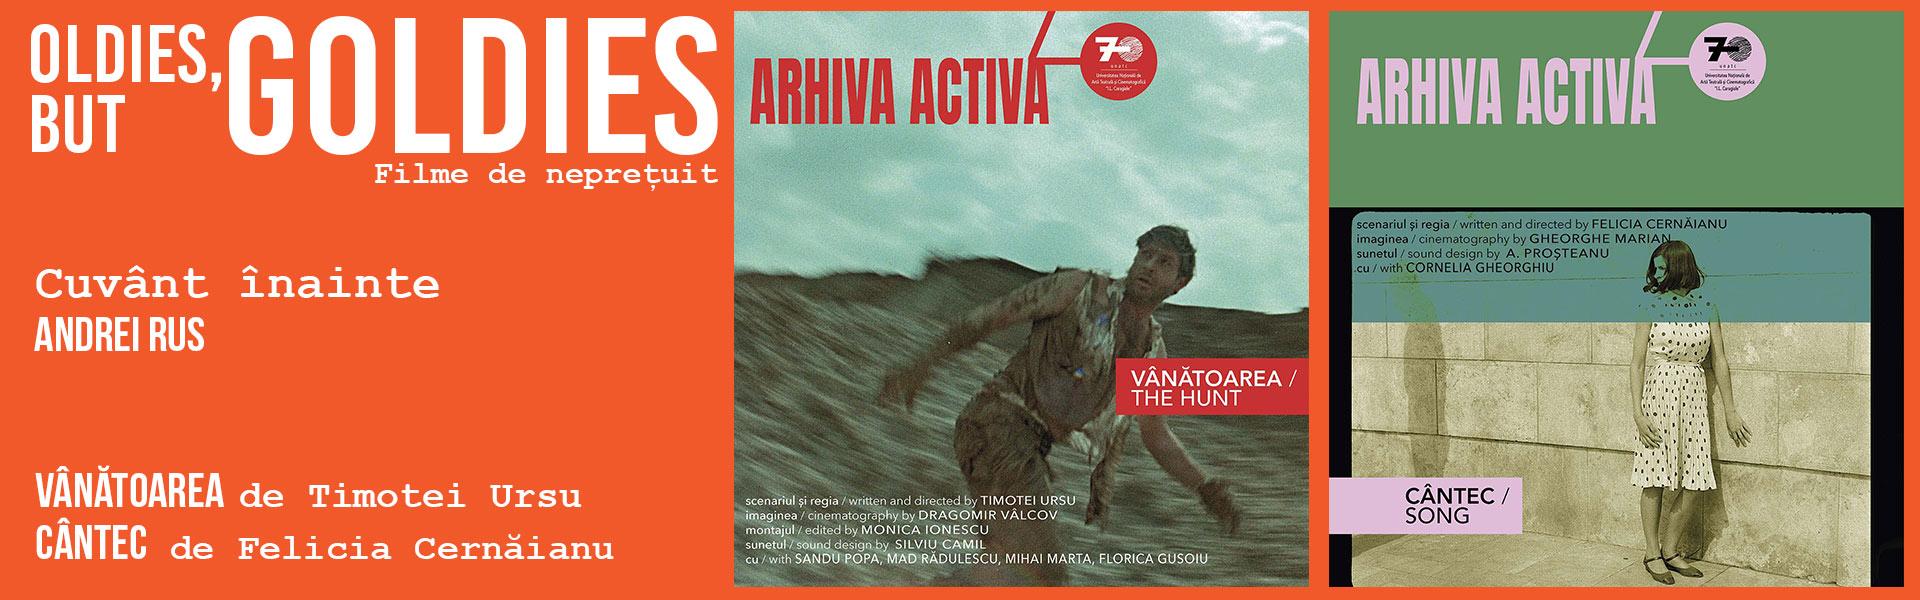 Arhiva Activa - CINEPUB